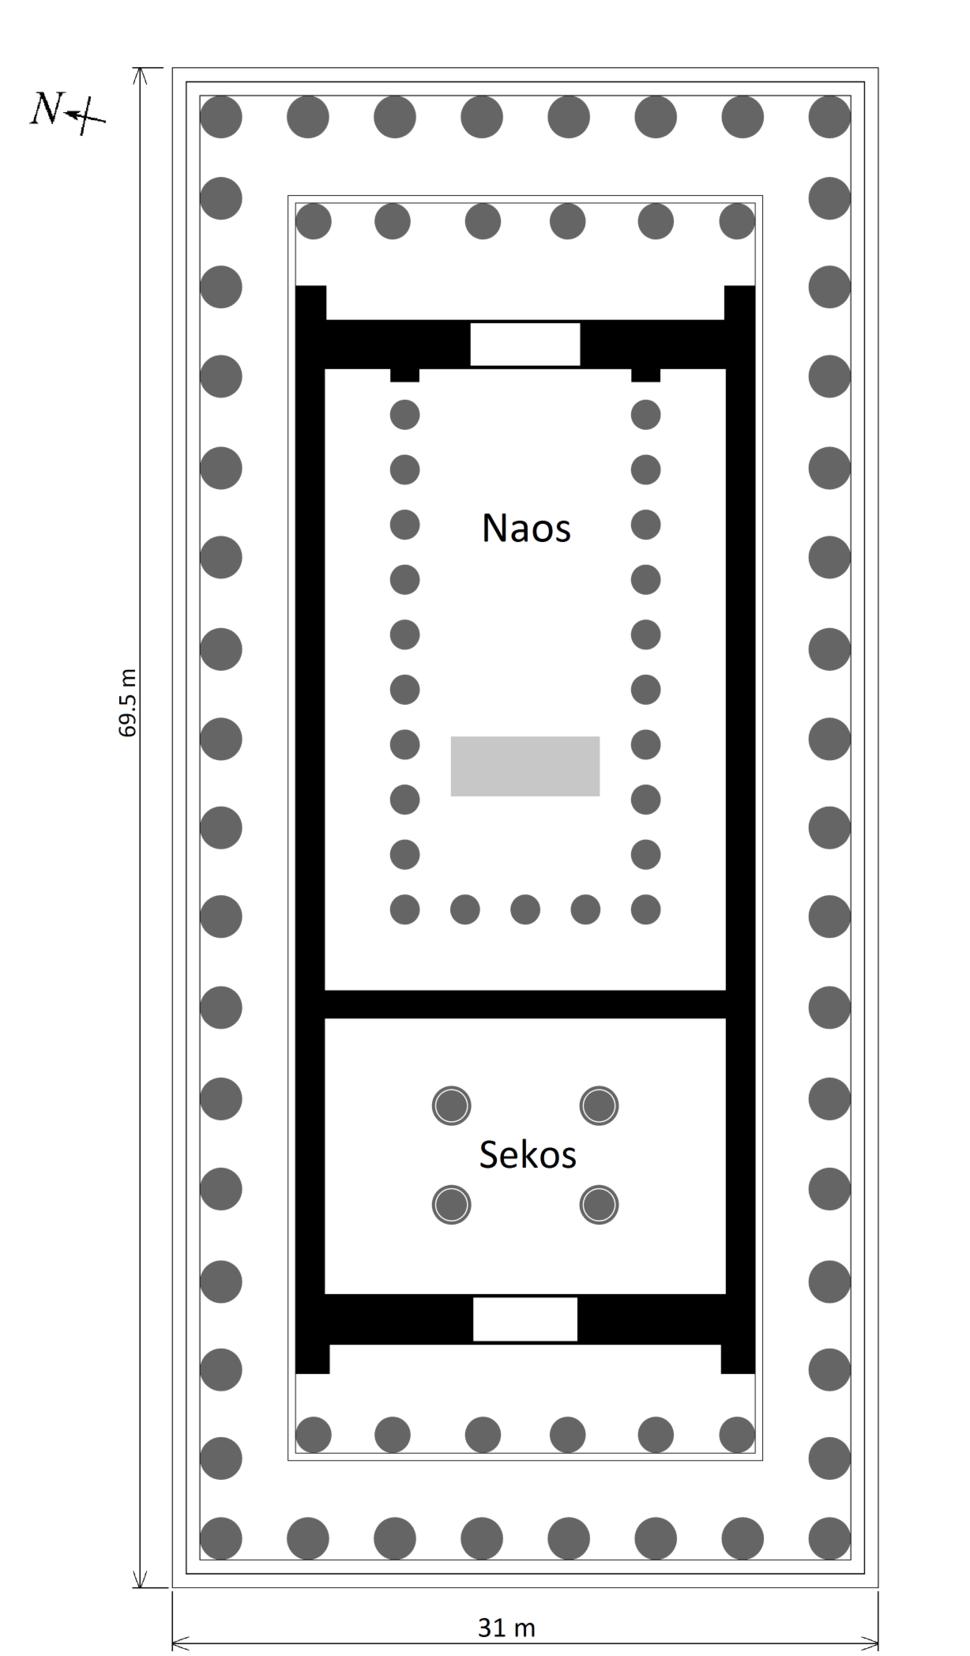 Parthenon plan